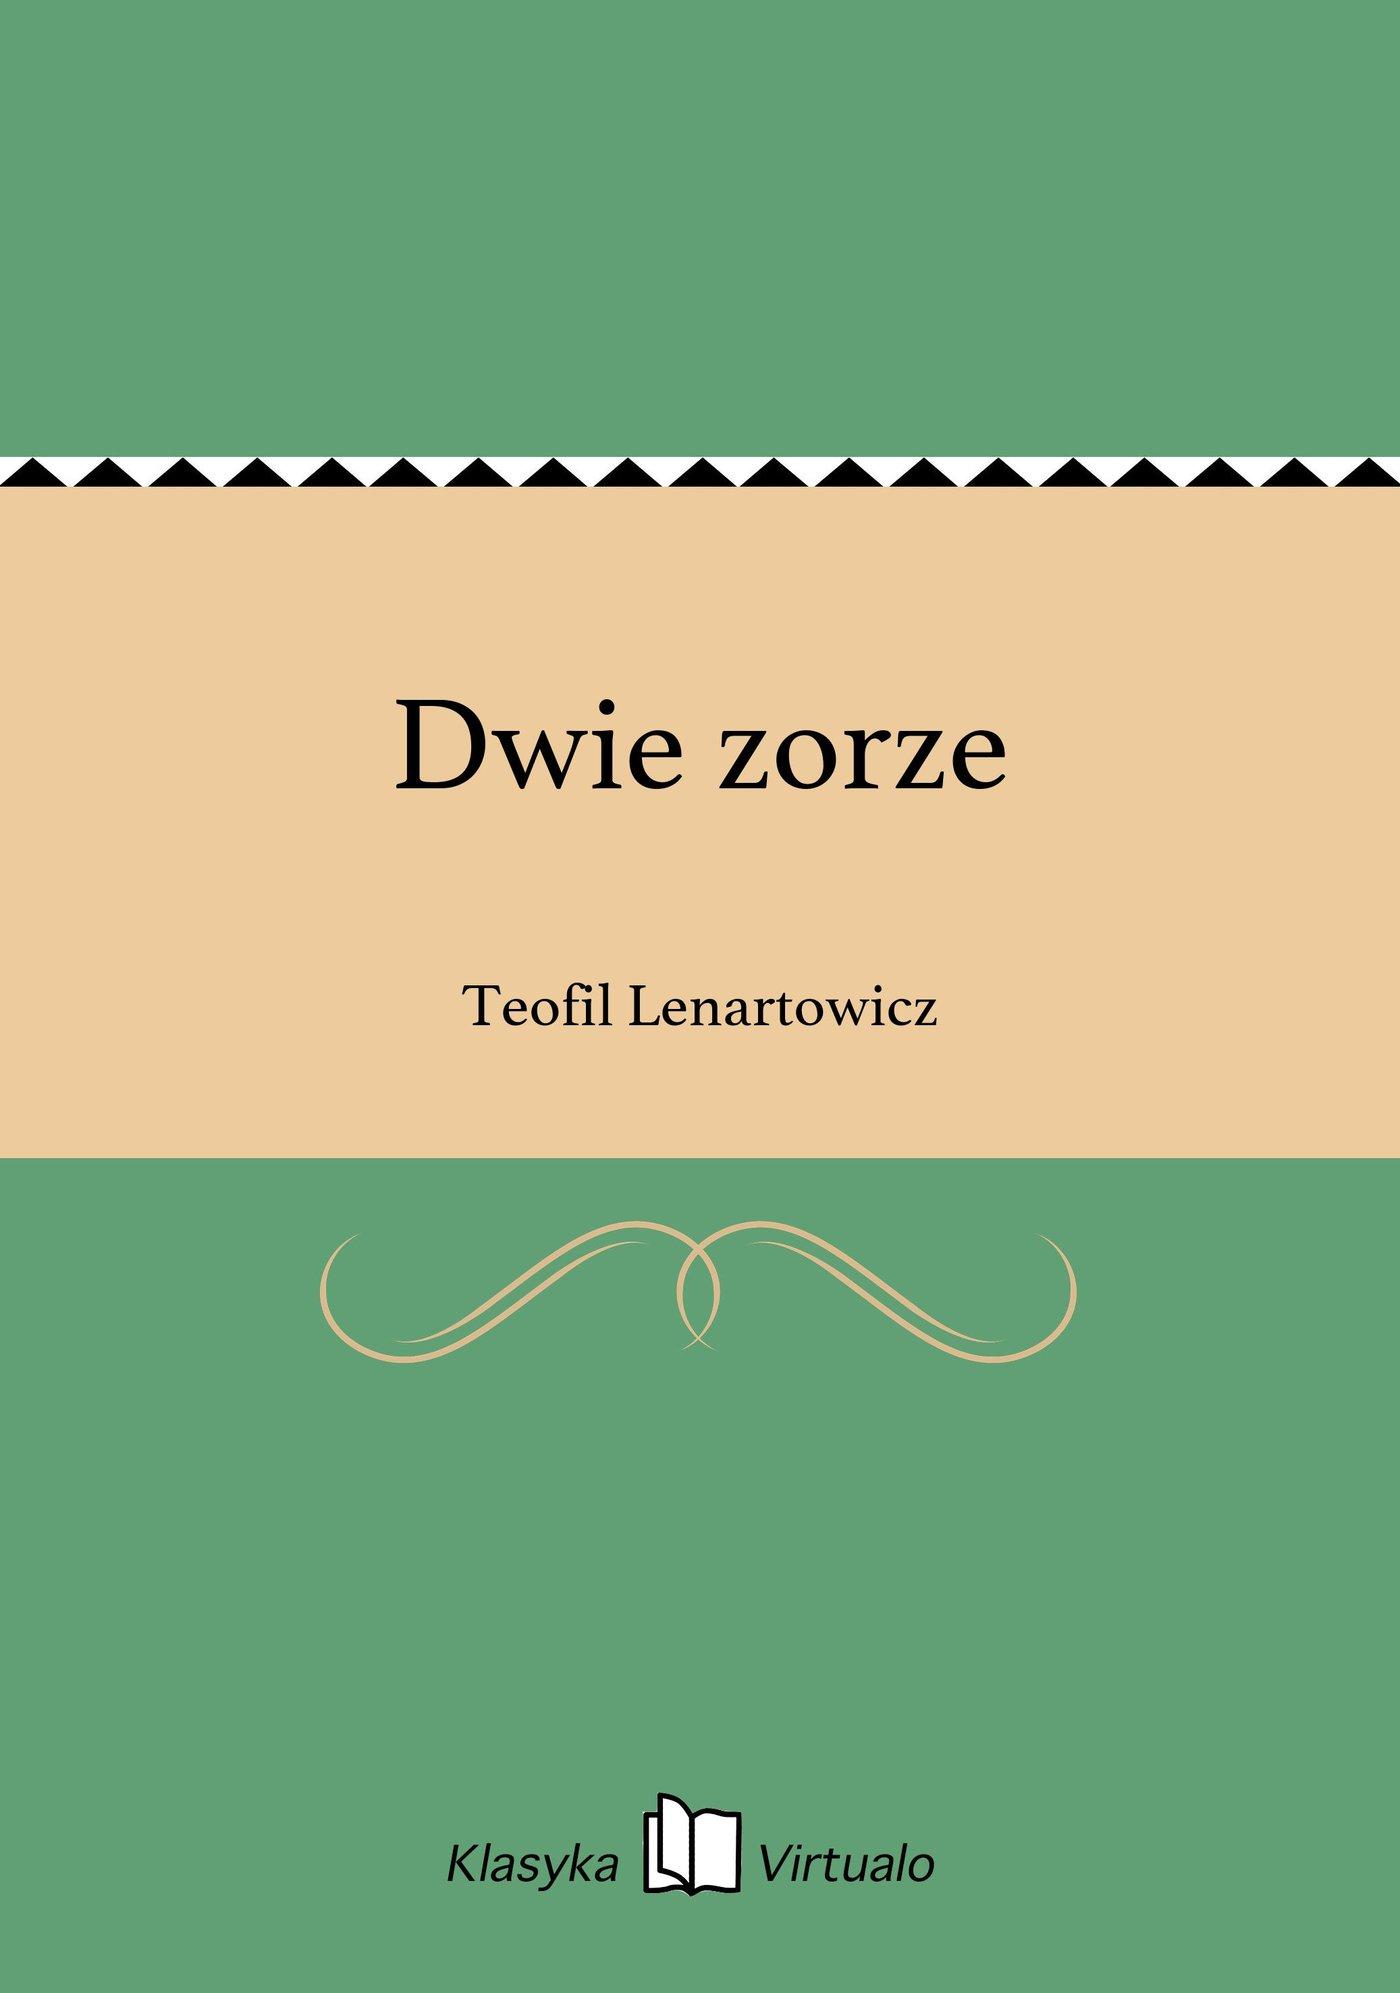 Dwie zorze - Ebook (Książka EPUB) do pobrania w formacie EPUB